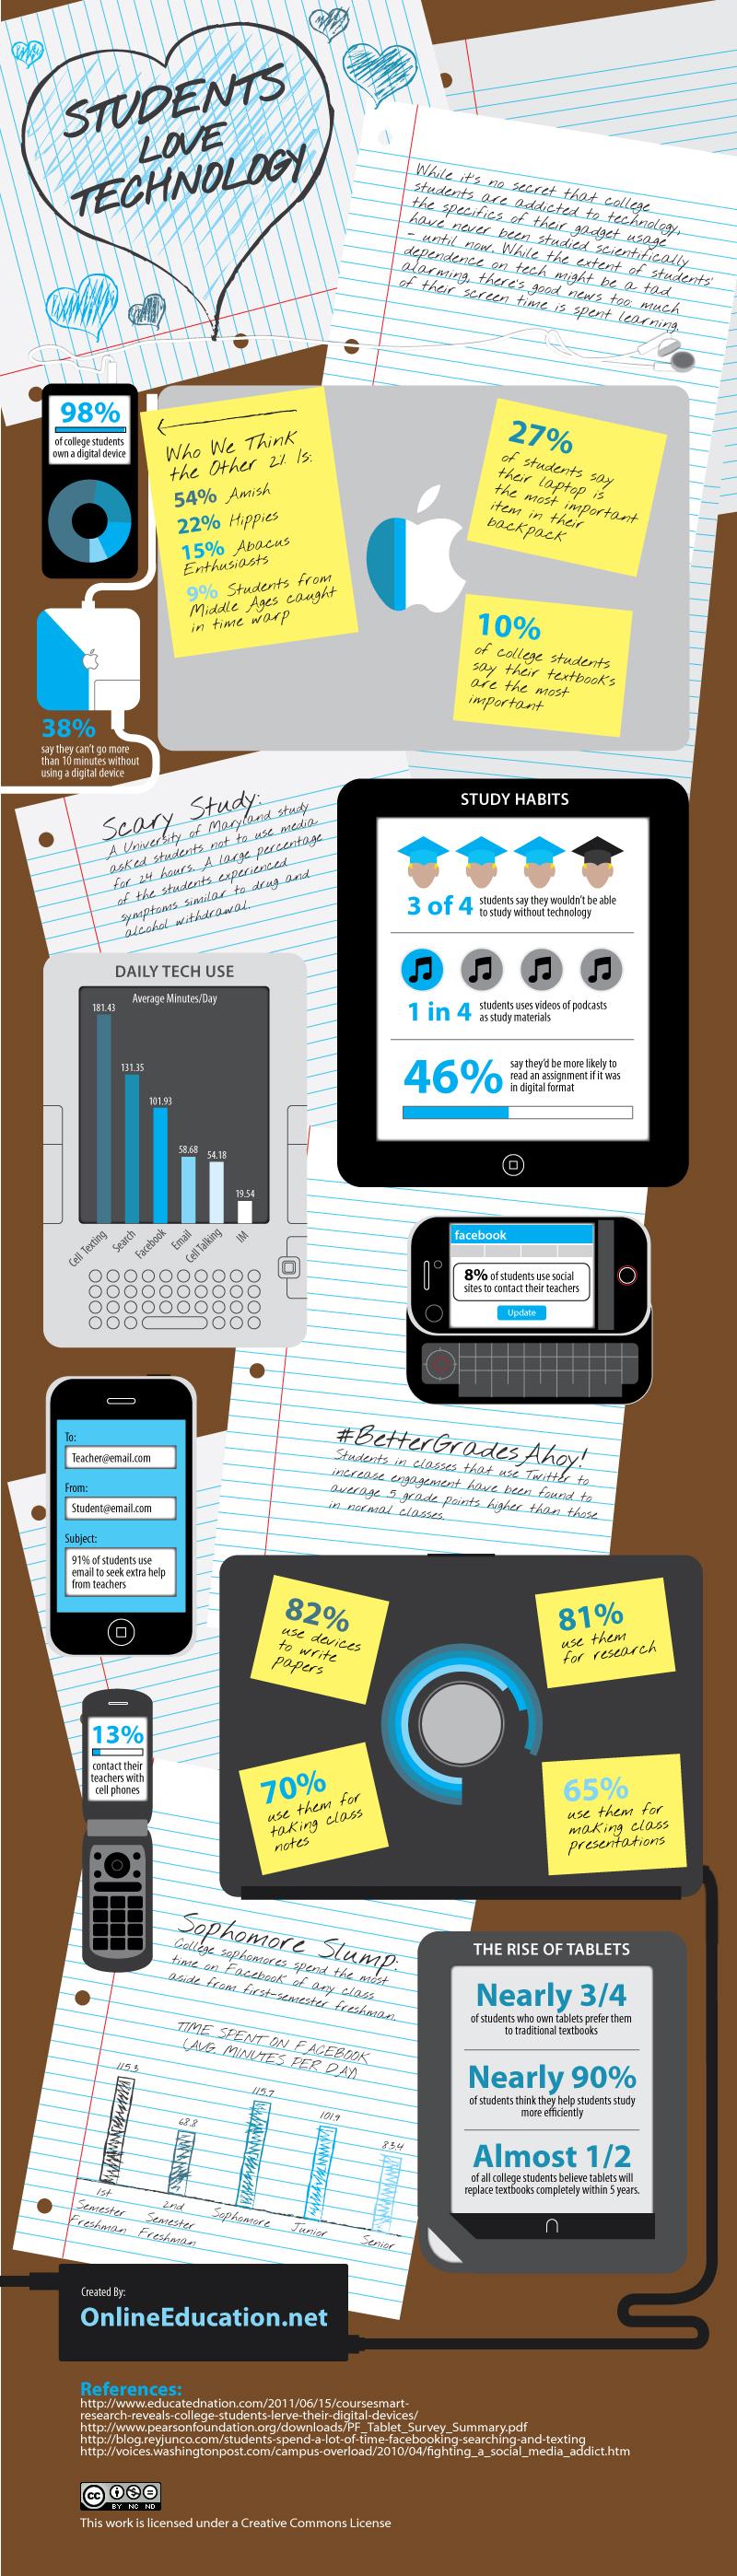 Infografía sobre los estudiantes y la tecnología